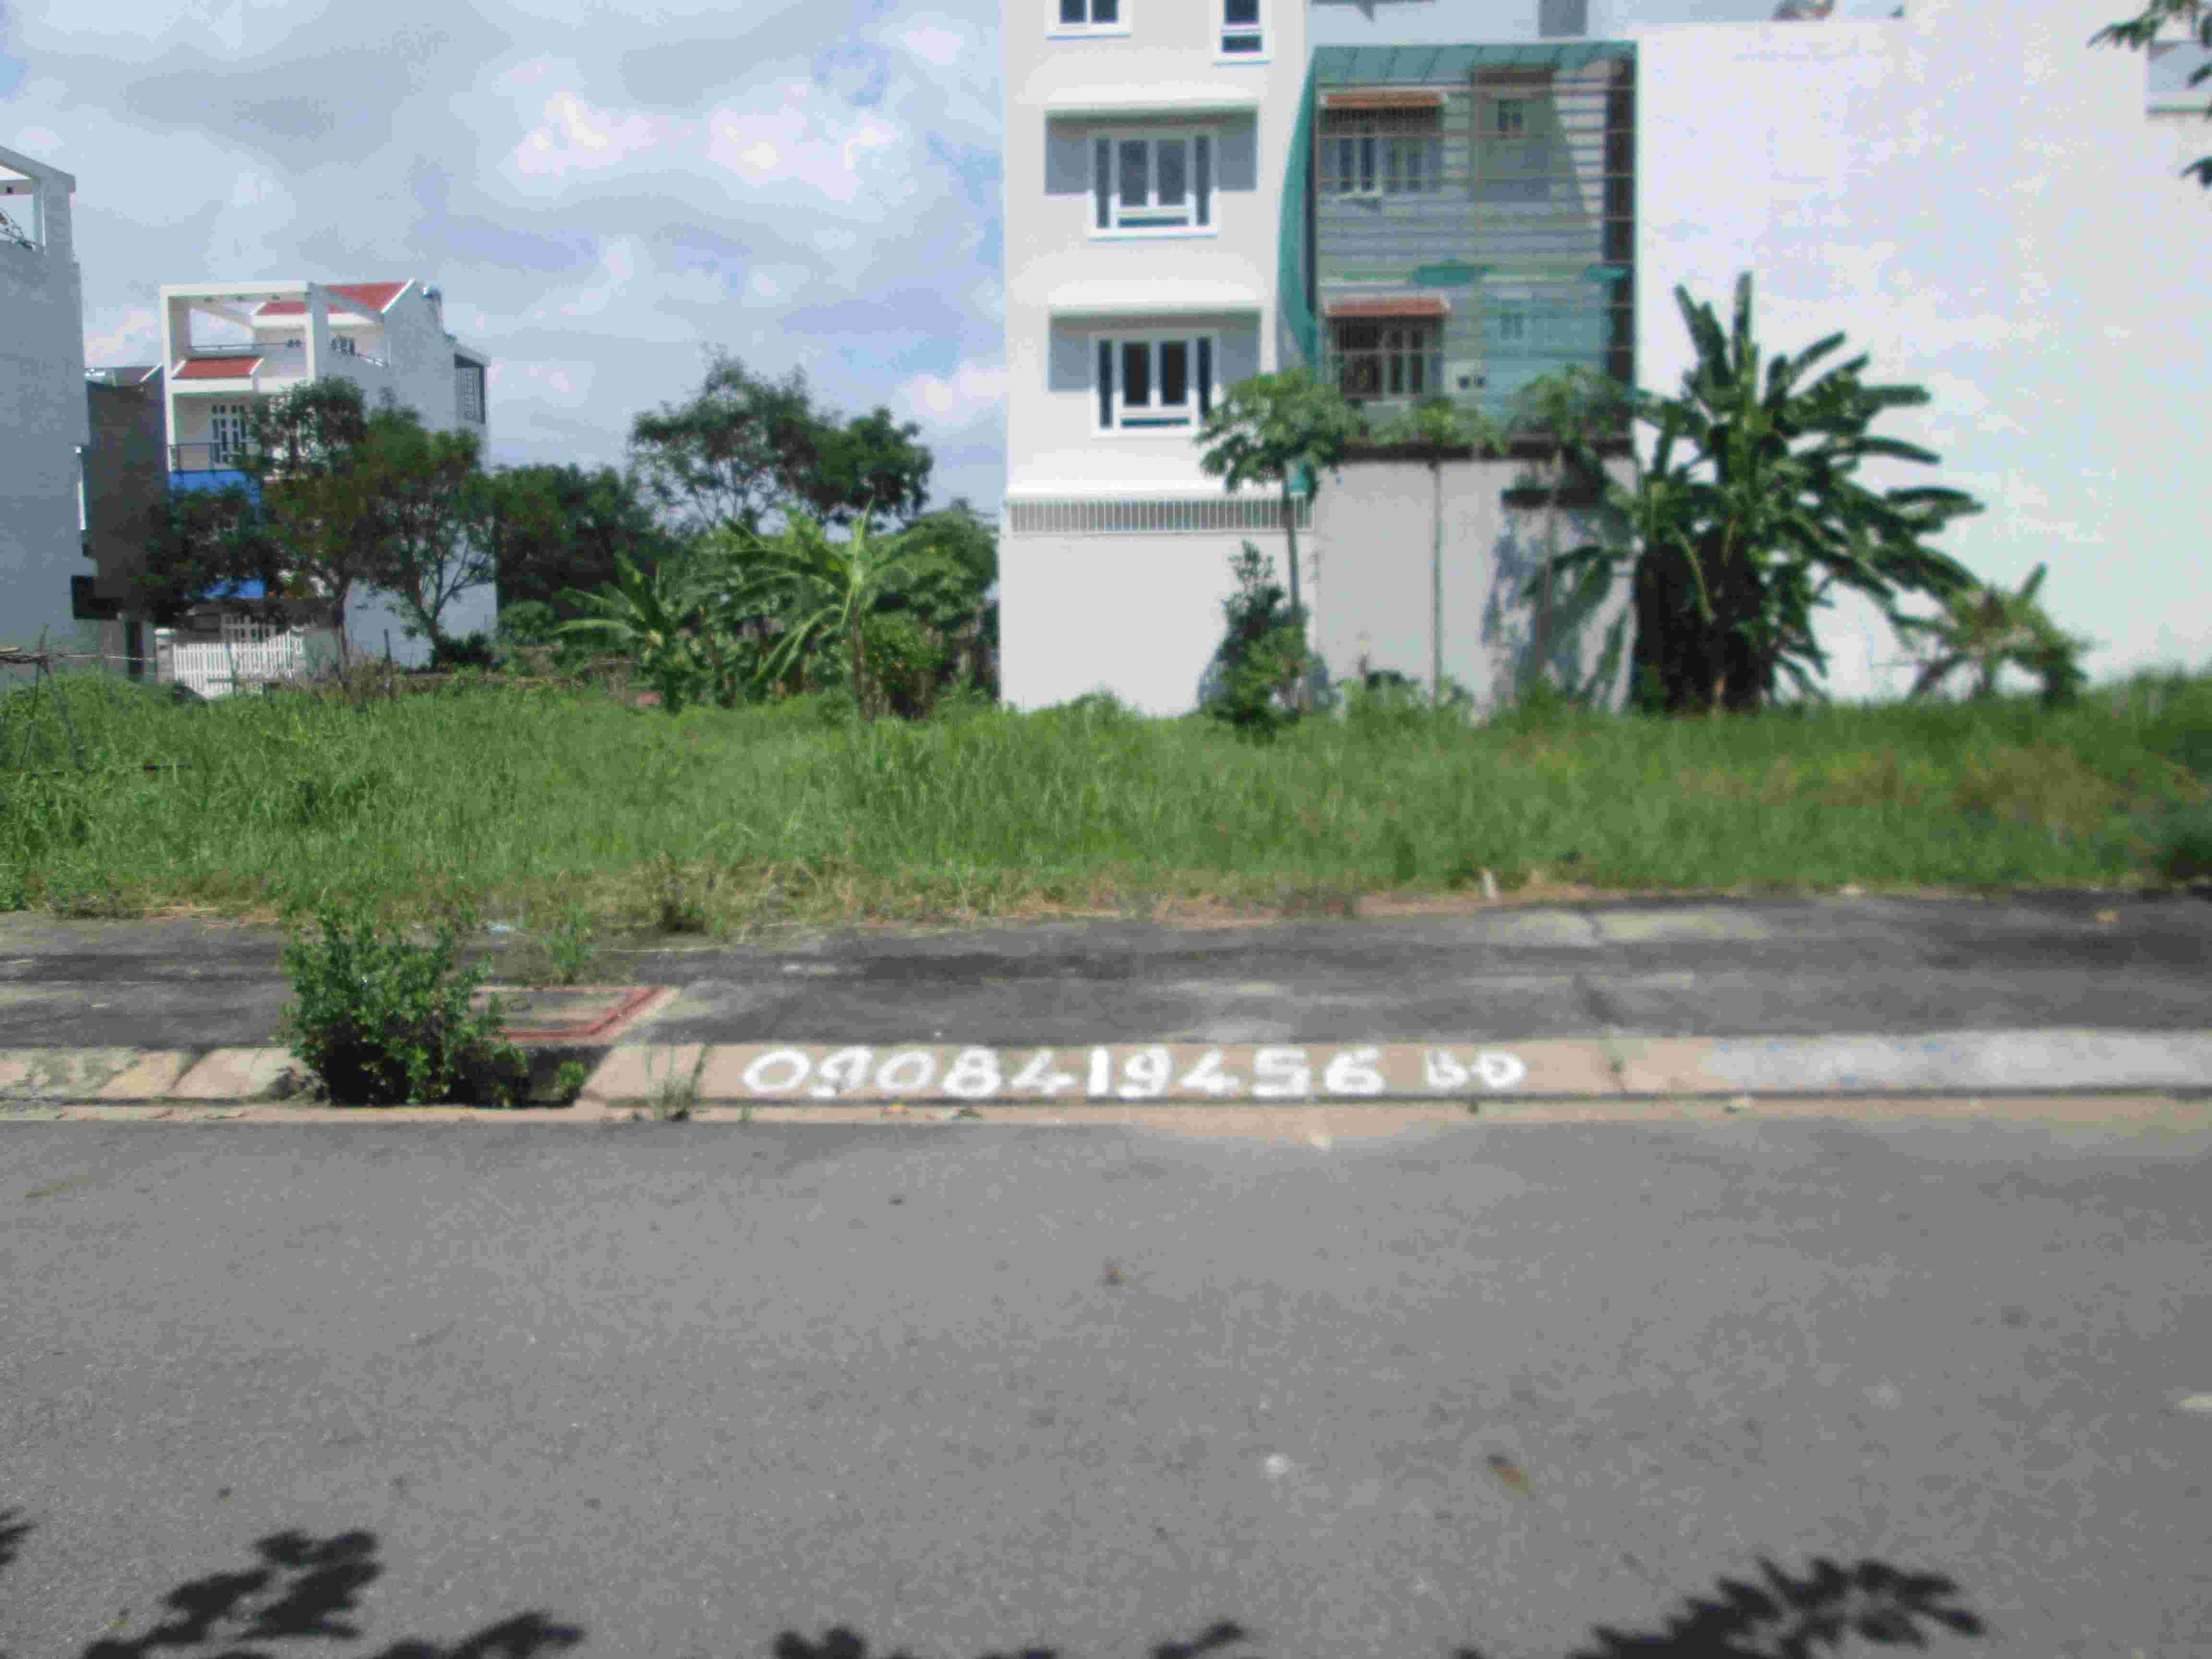 Bán đất nền KDC Tân An Huy, Nhà Bè, lô B7, 210m2, MT đường 25m, giá 68 triệu/m2